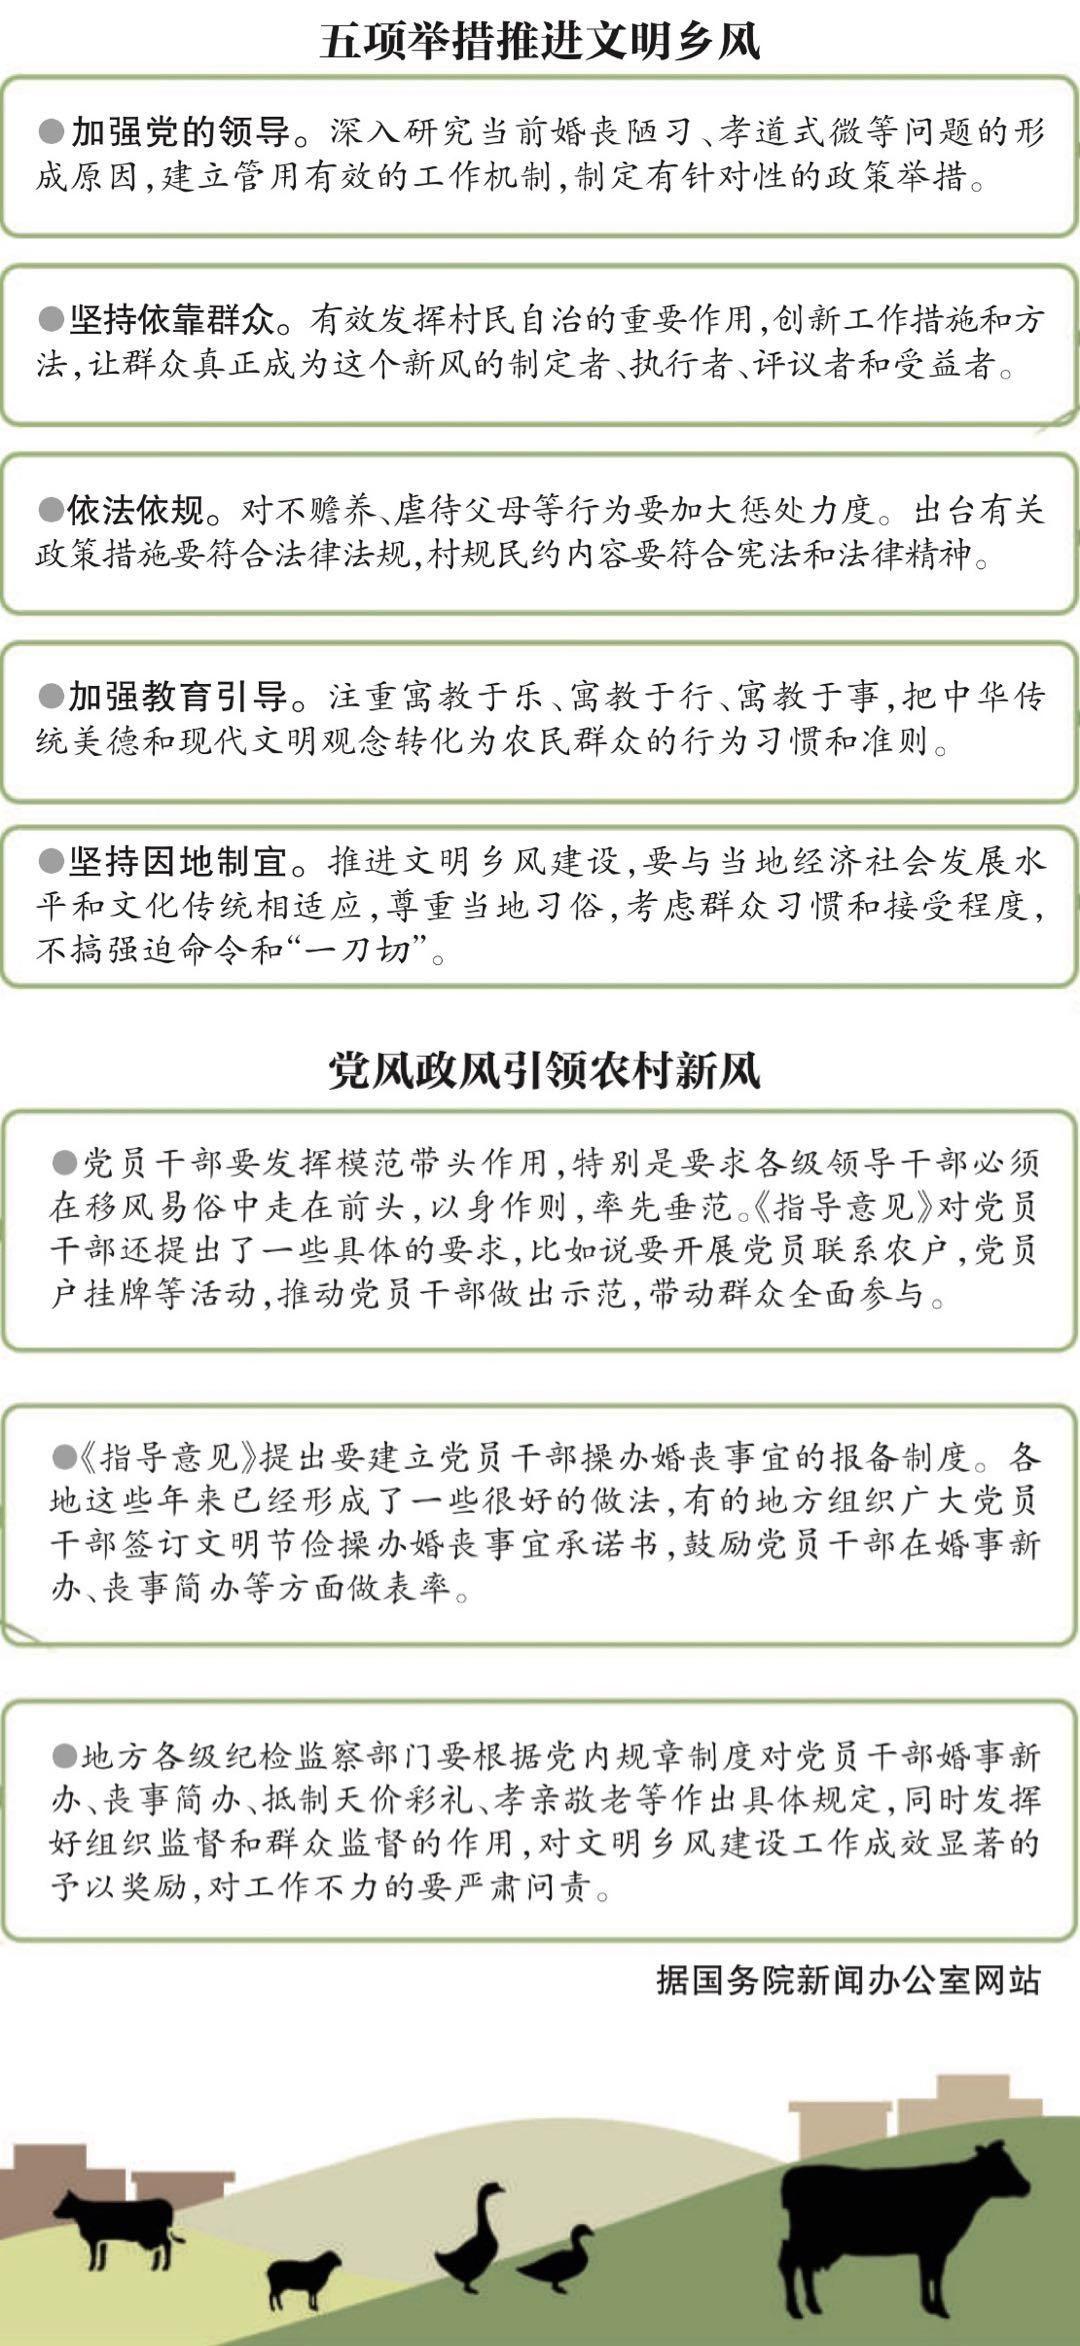 凯发娱乐手机客户端最新_花园集·名师堂--国际大师深度专场,走进重庆